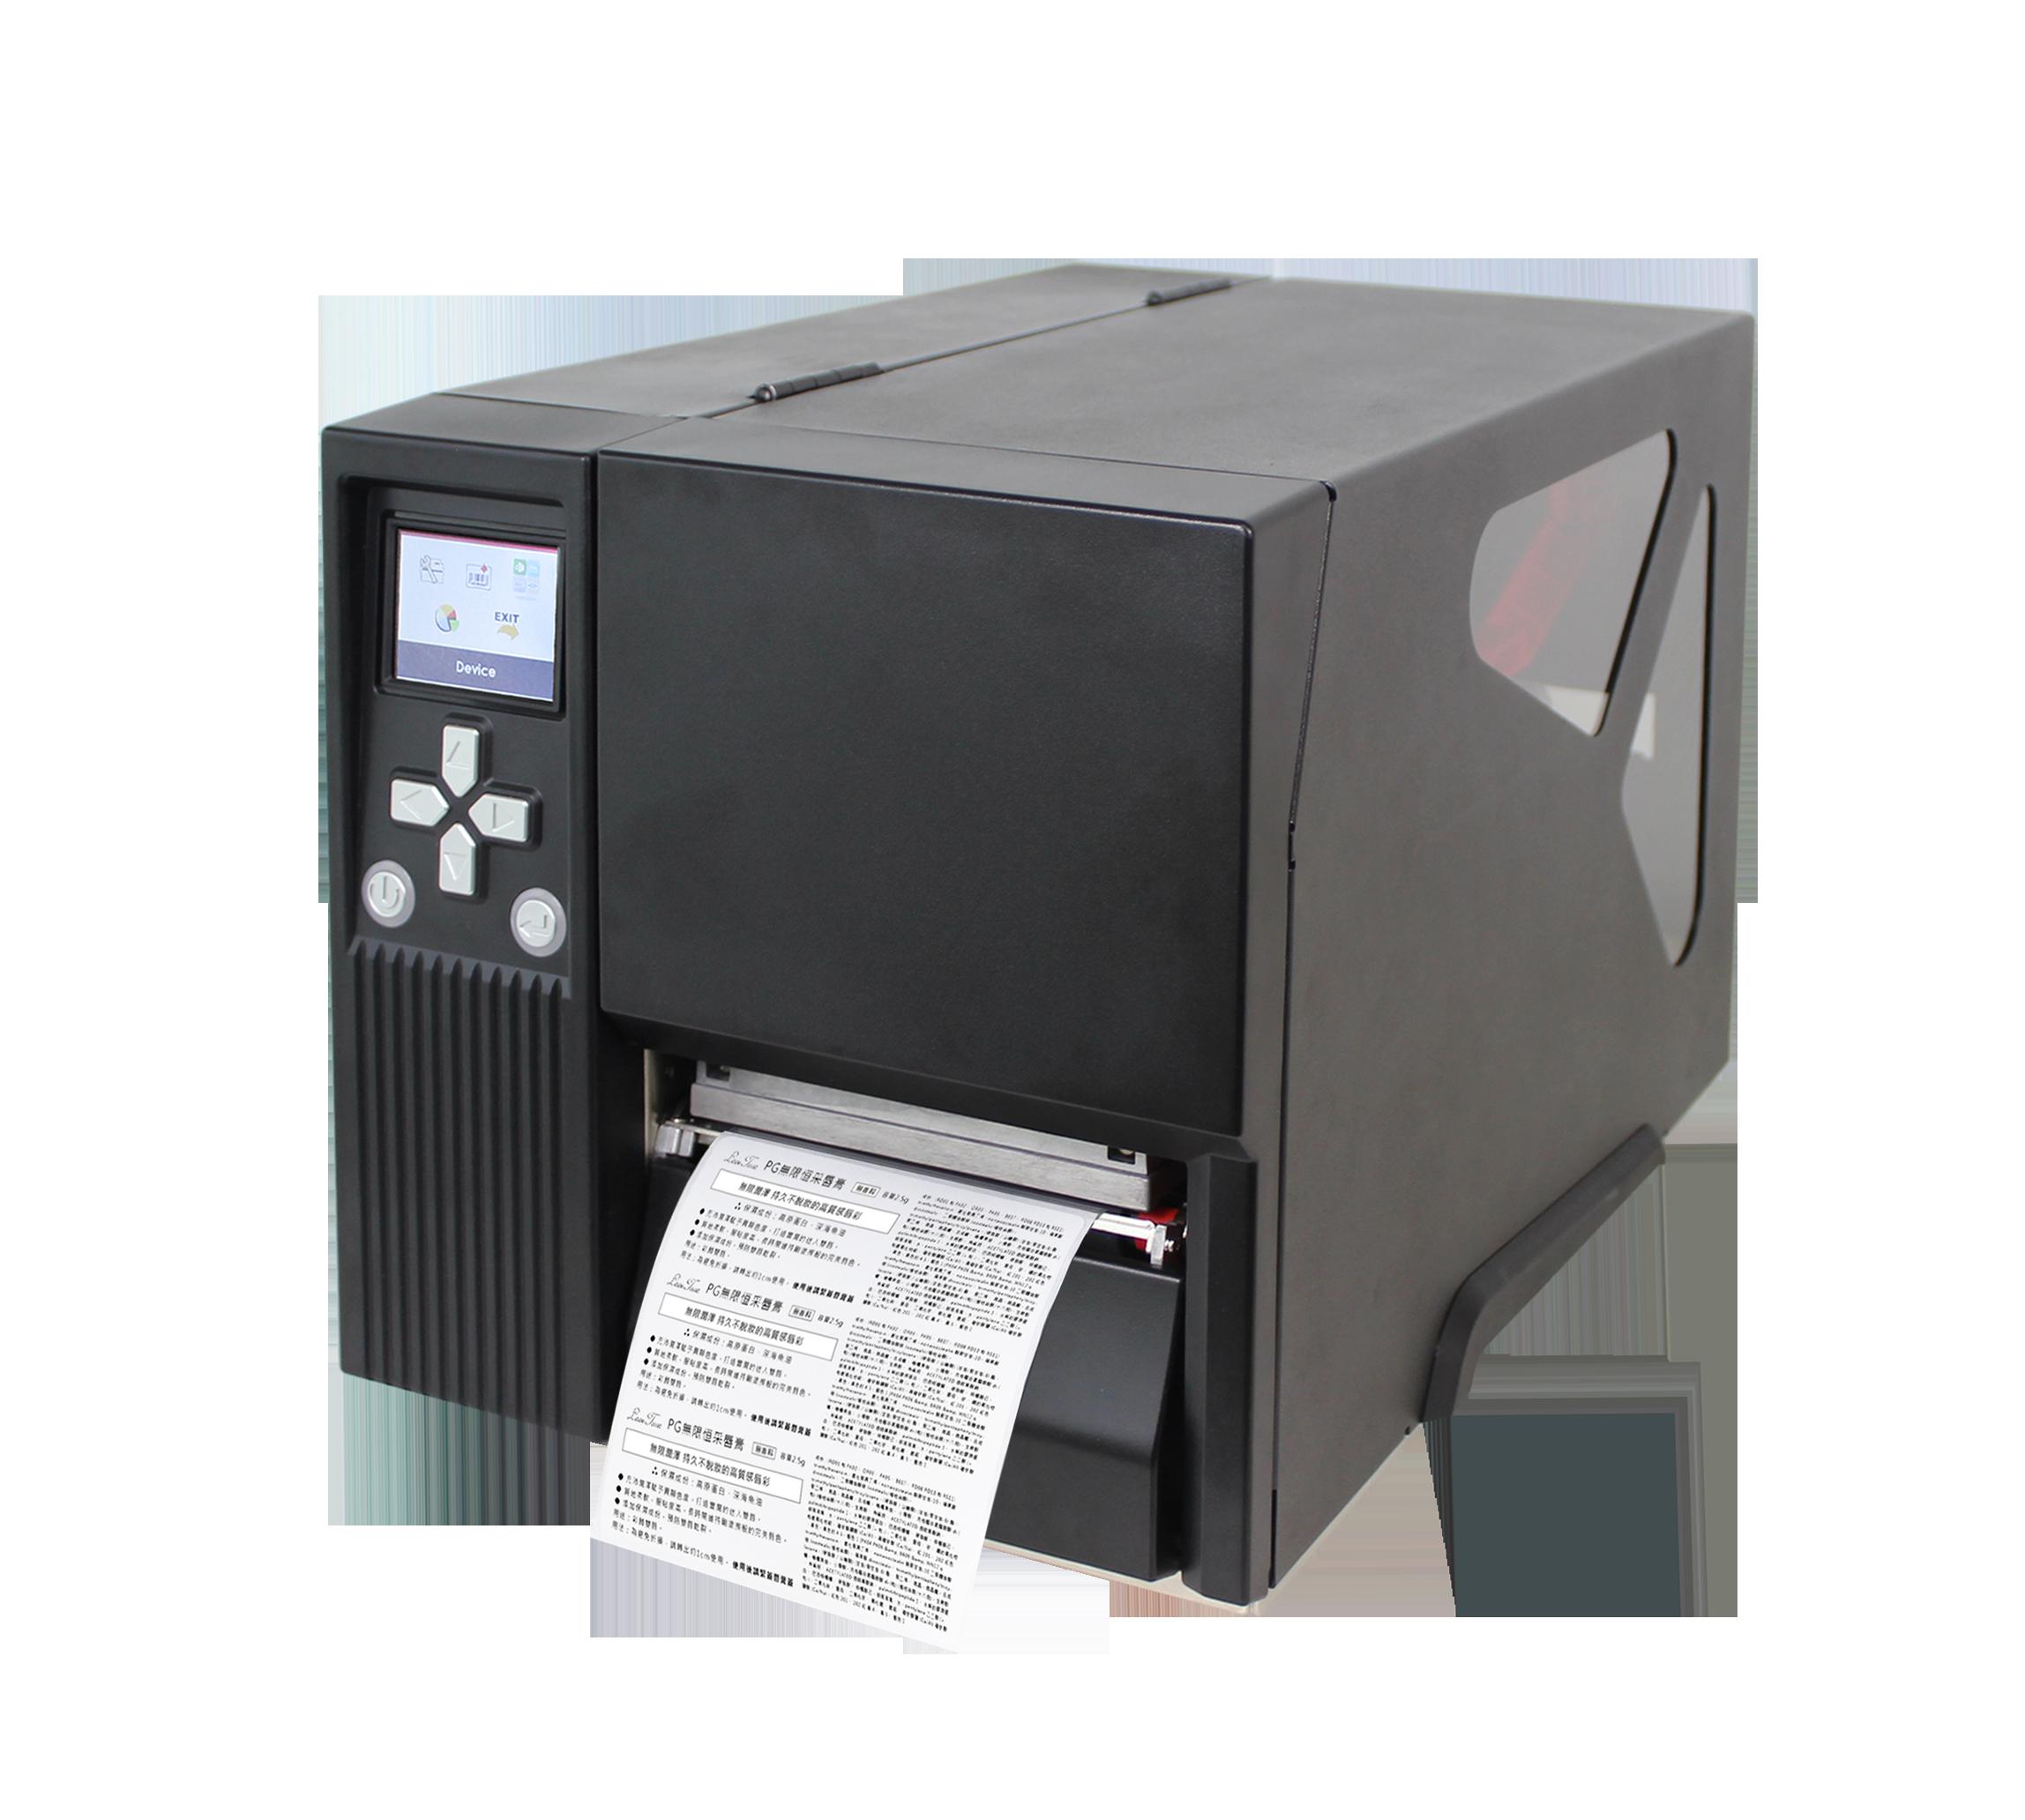 WIFI 600dpi パソコンレス